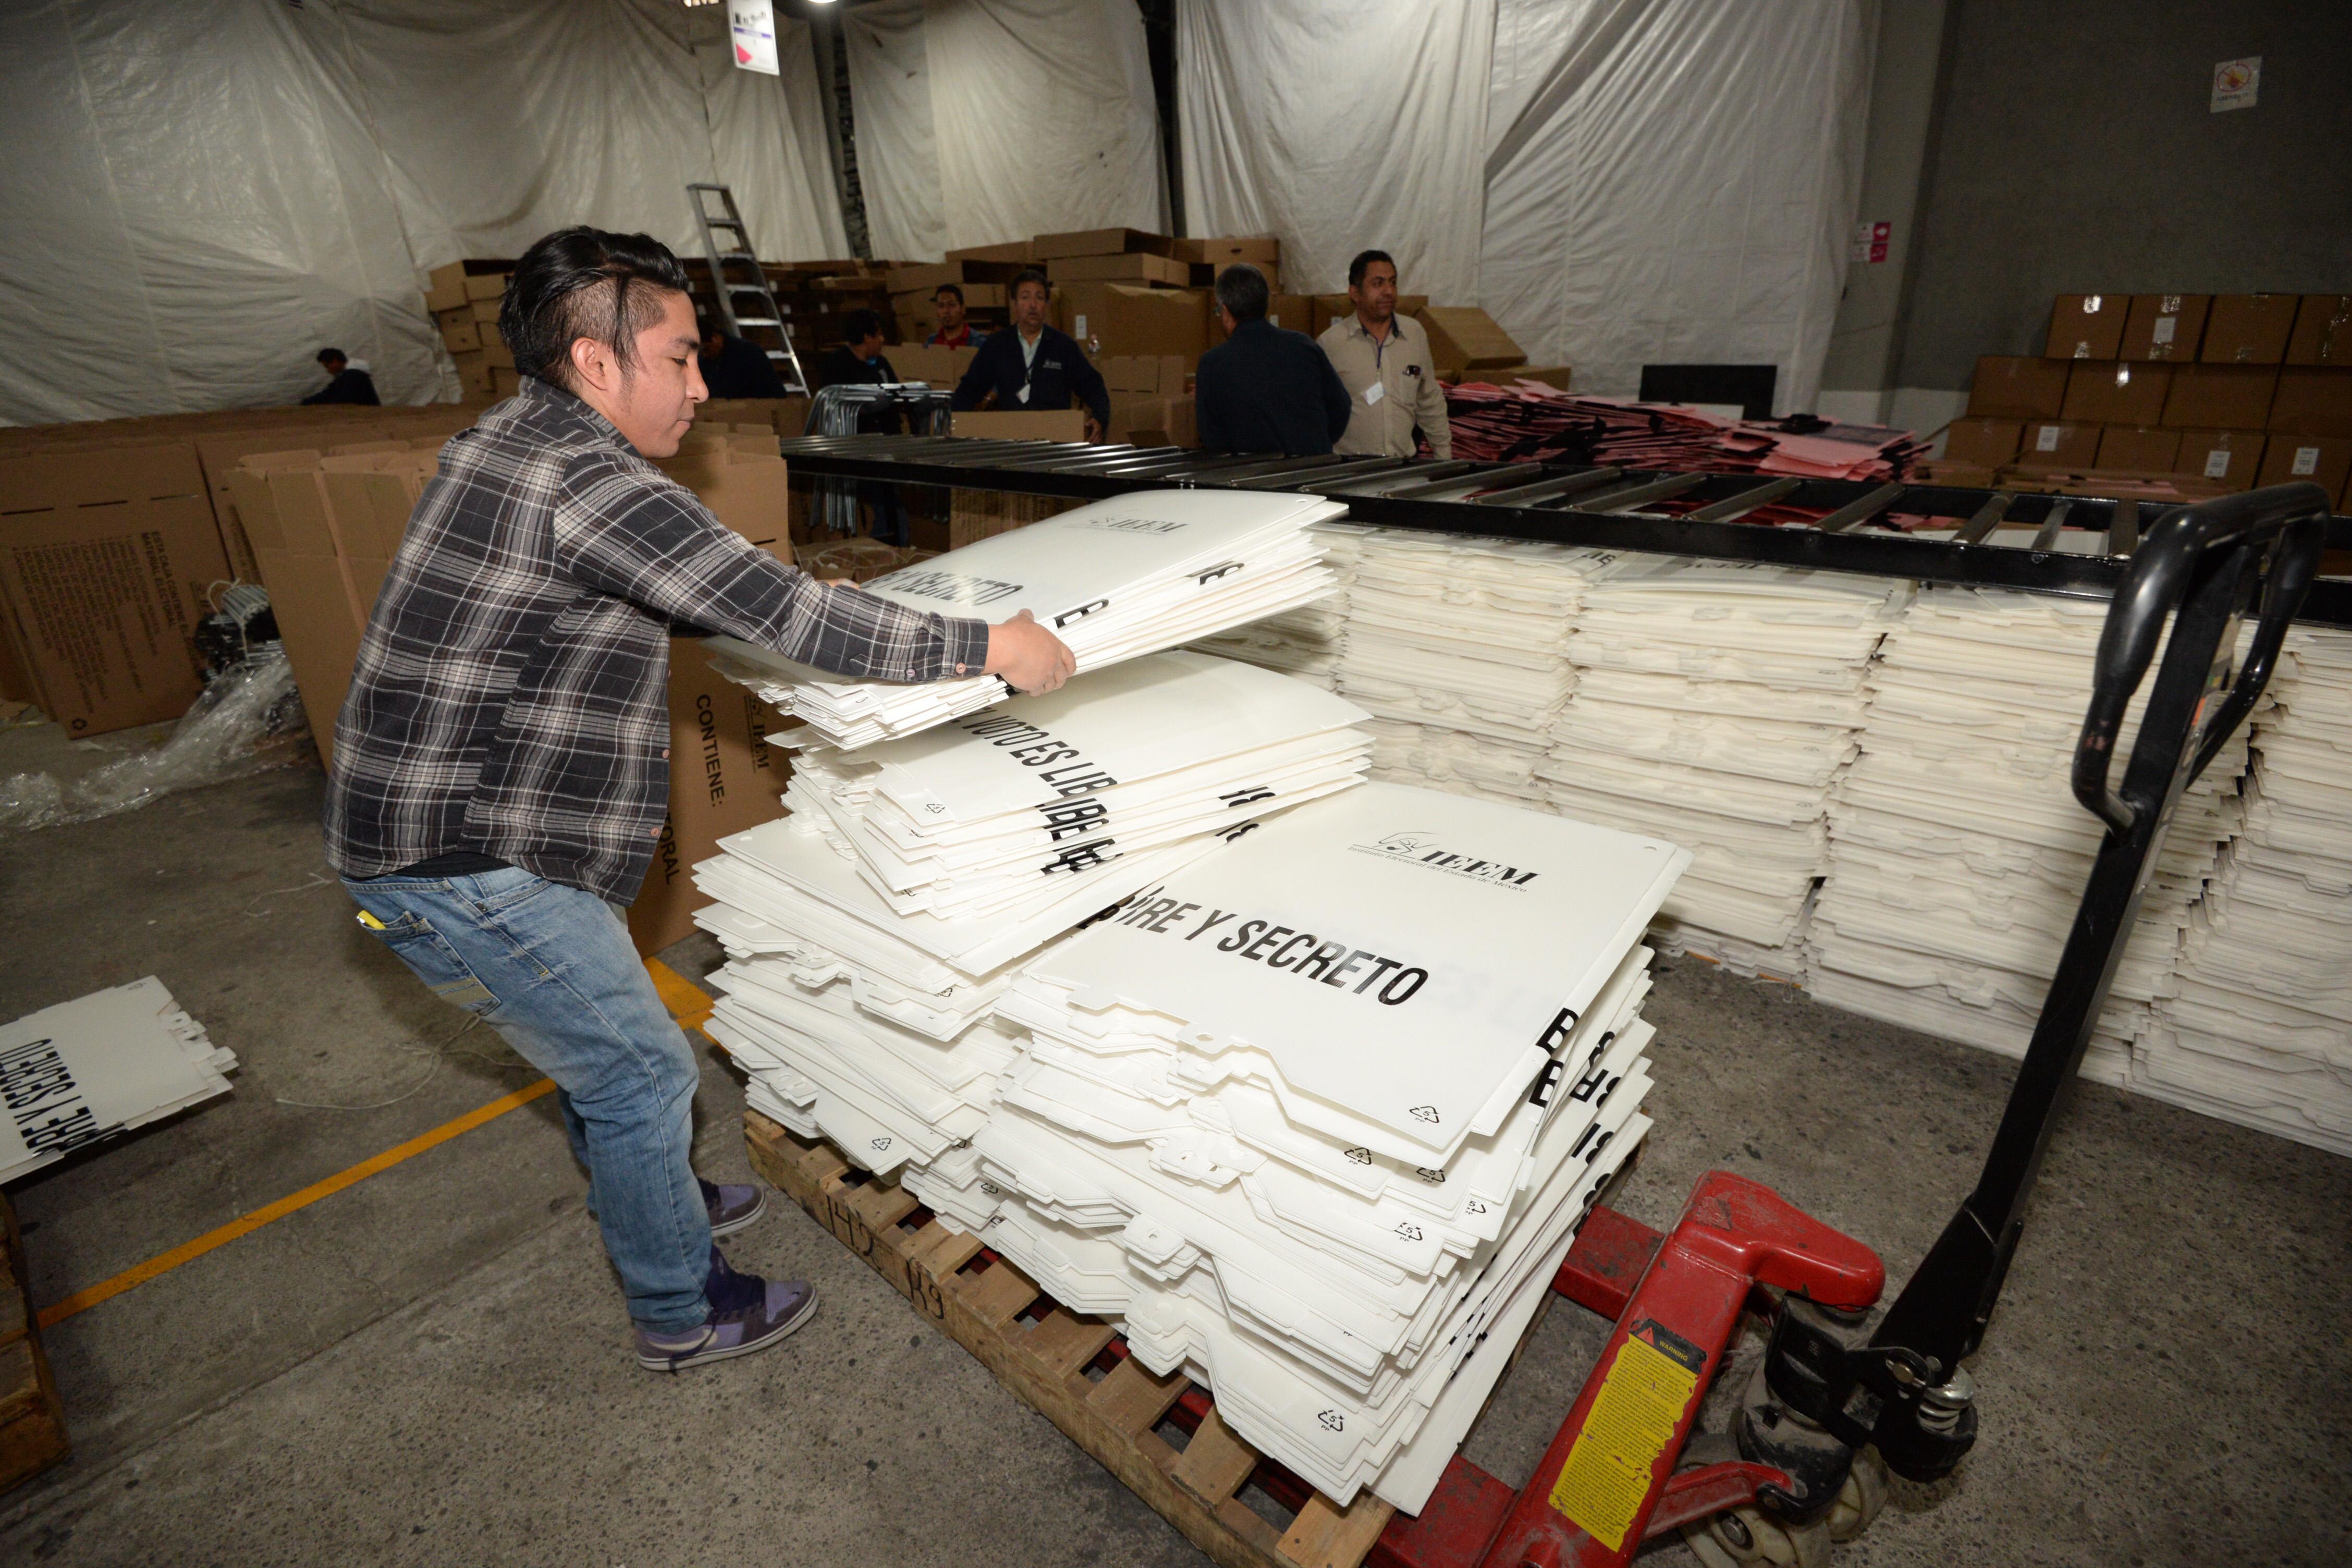 Los trabajos de distribución de papelería electoral iniciaron en el Estado de México. FOTO: ARTEMIO GUERRA/CUARTOSCURO